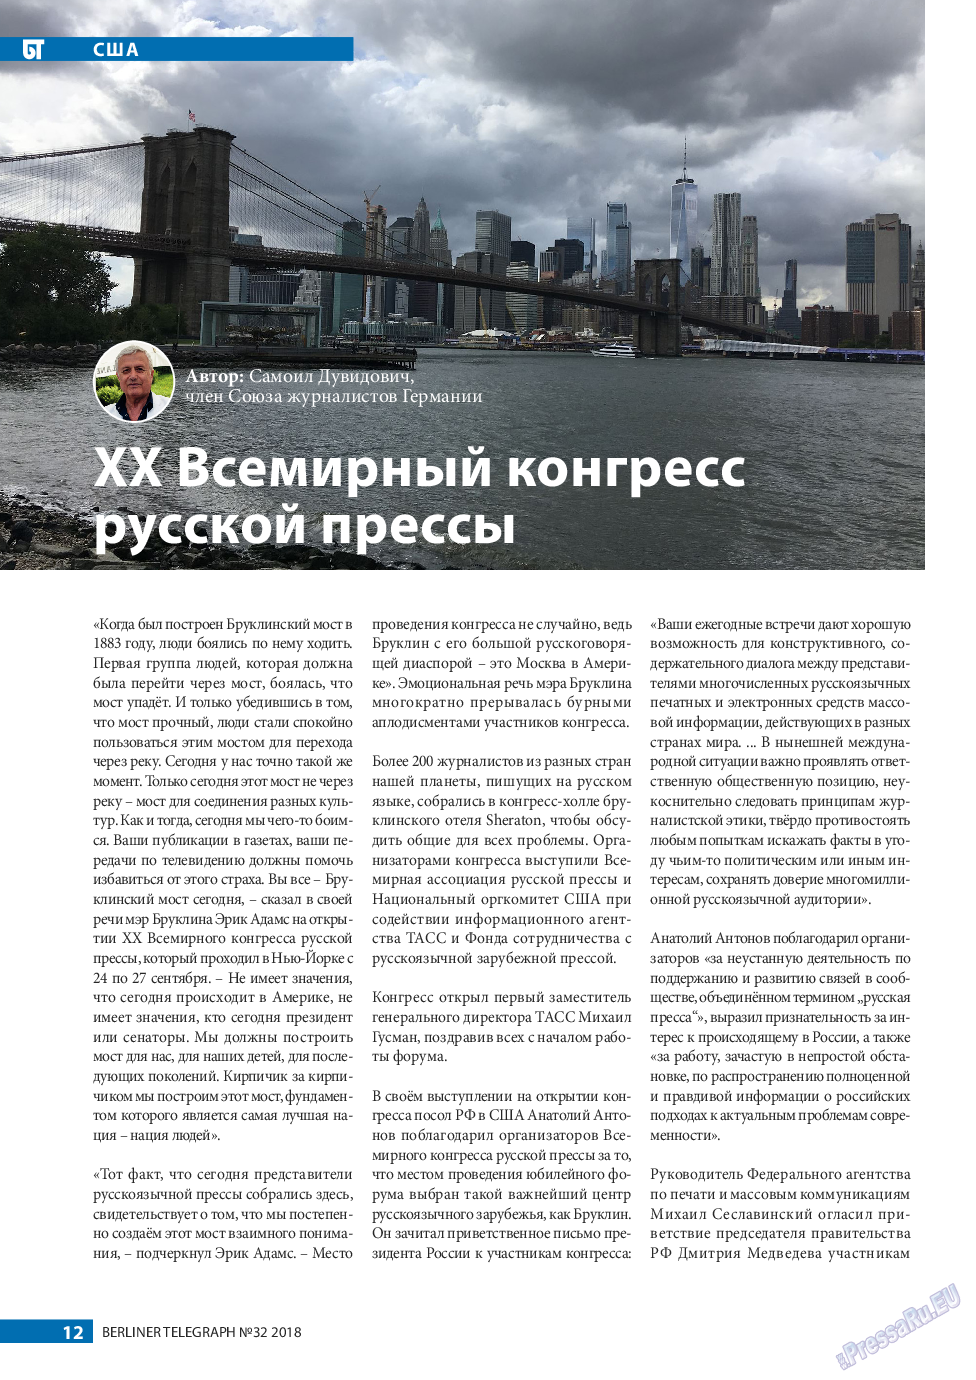 Берлинский телеграф (журнал). 2018 год, номер 32, стр. 12